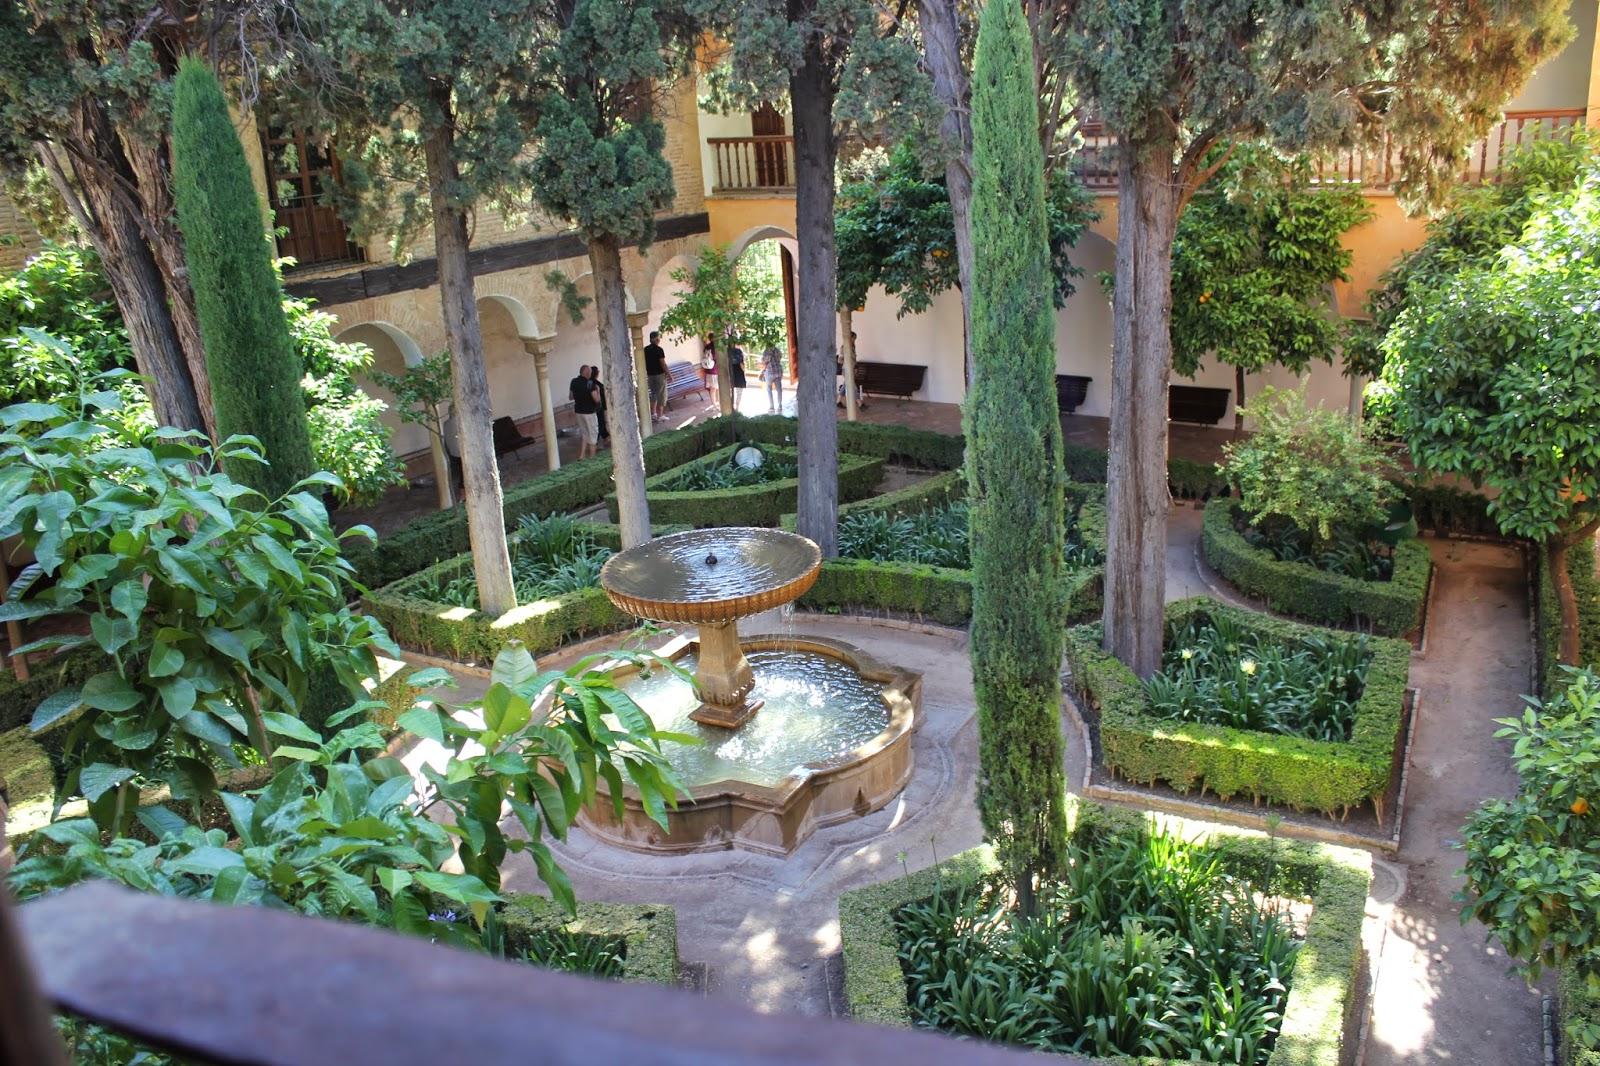 Maravillas ocultas de espa a granada la alhambra iii los - Residencia los jardines granada ...